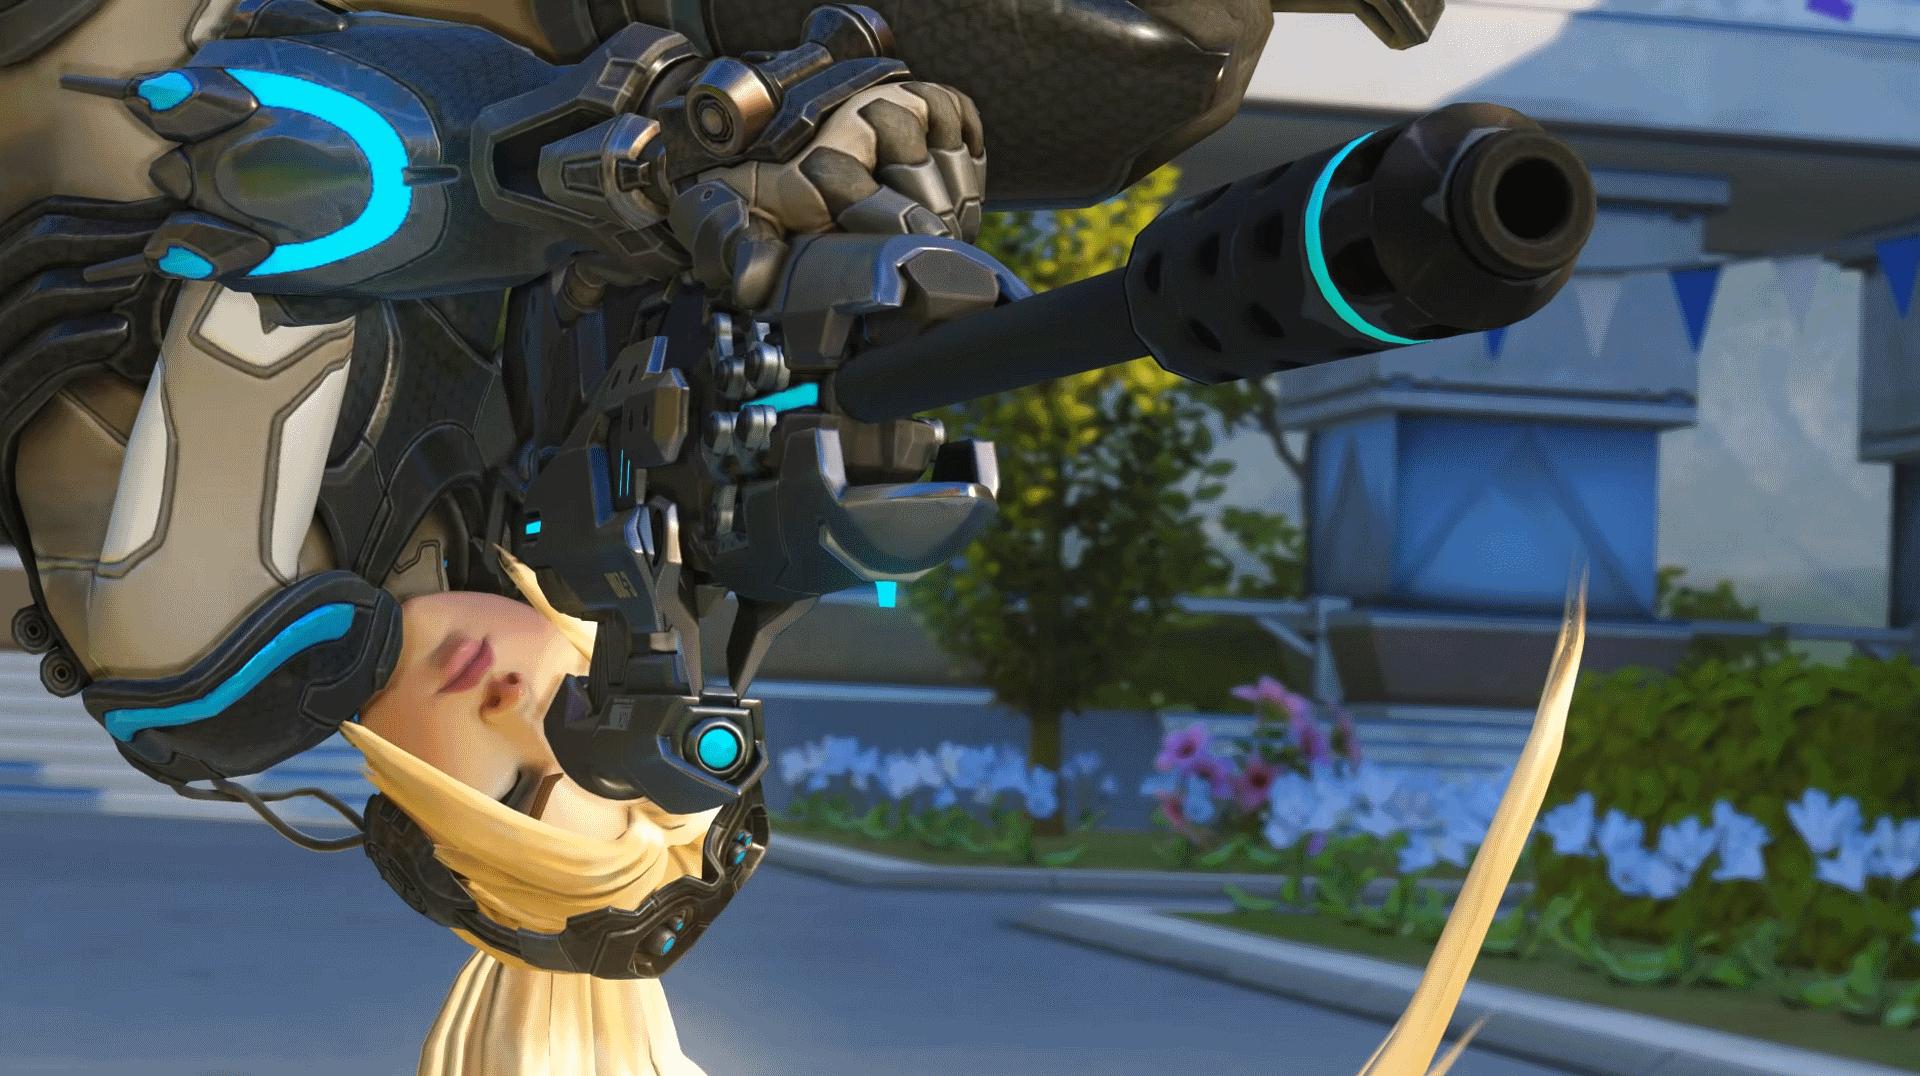 Le prochain teaser du héros d'Overwatch est sorti